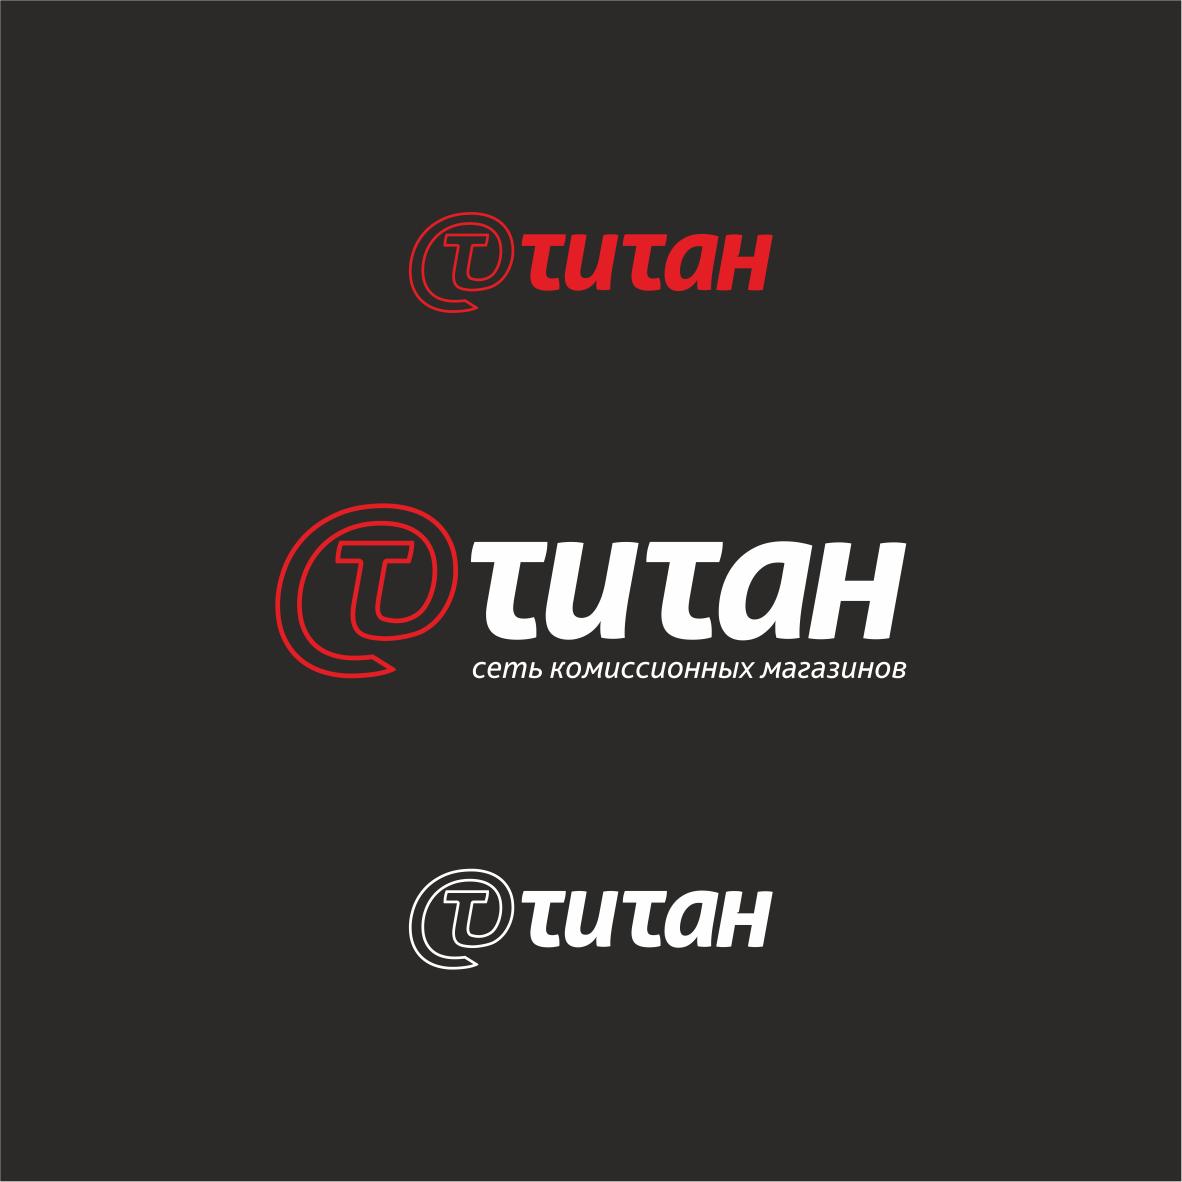 Разработка логотипа (срочно) фото f_7815d49bb0c25bff.png